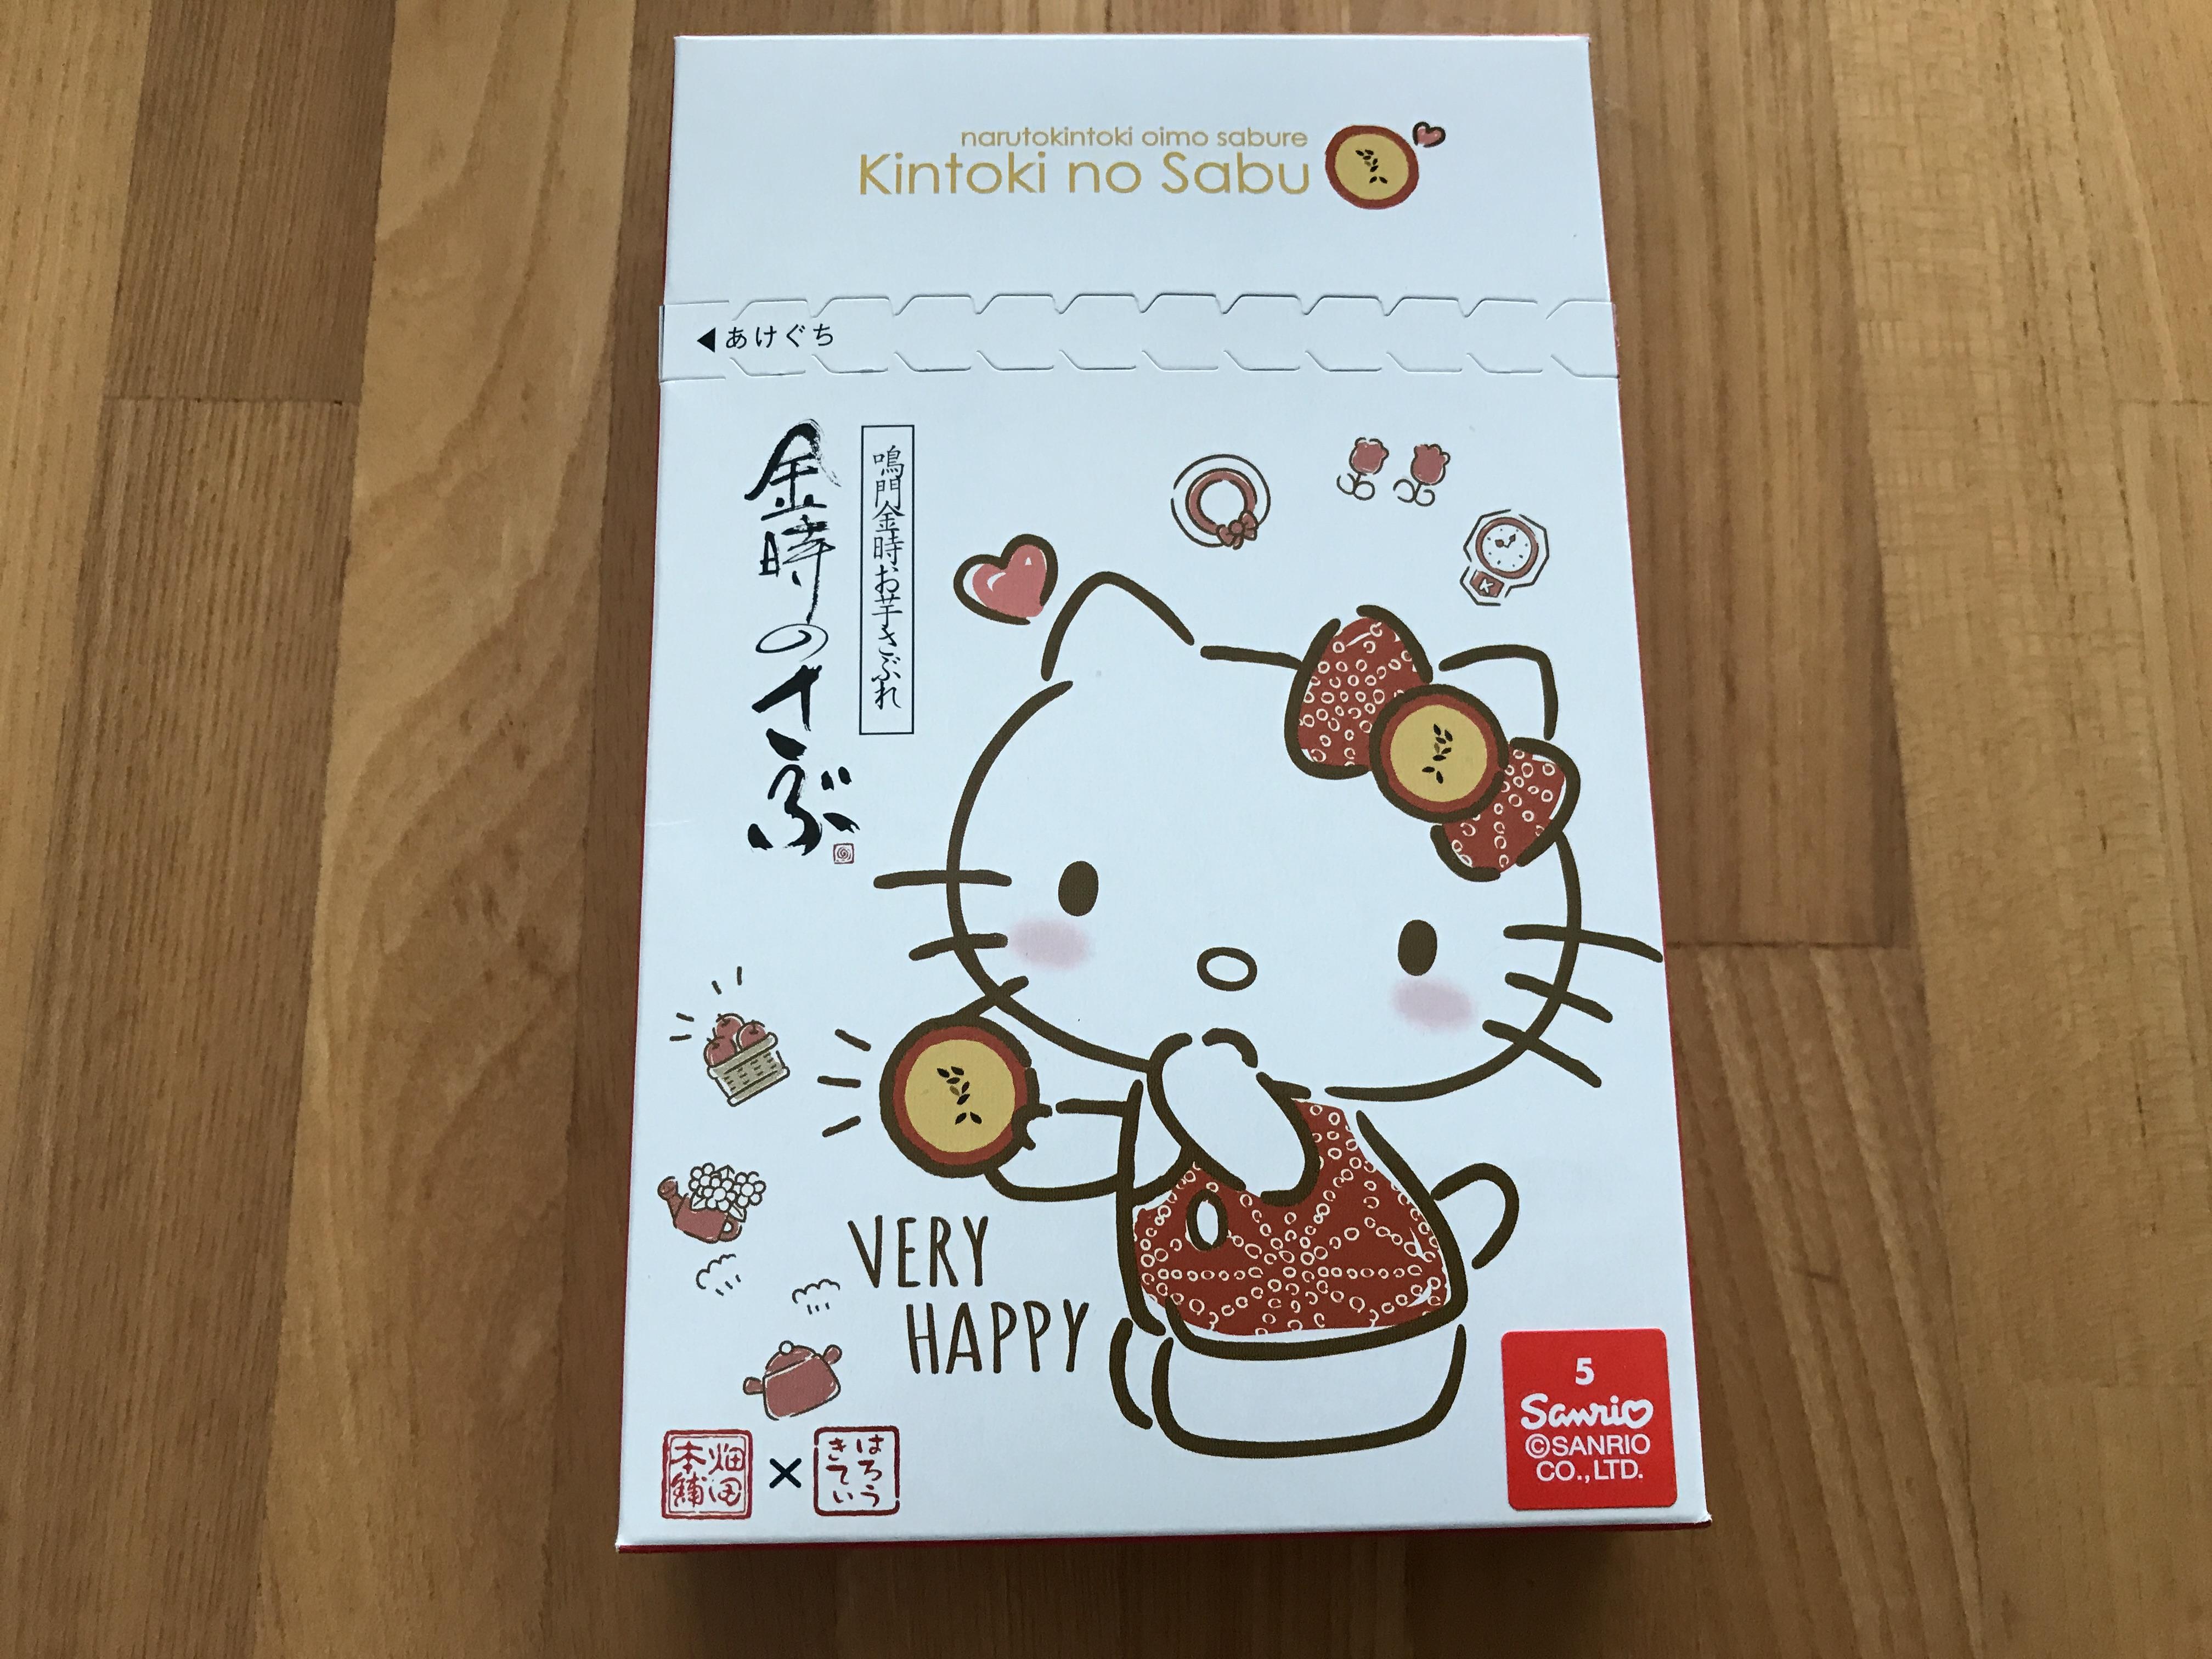 キティちゃんファン必見!ハタダ「金時のさぶ」とのコラボ商品が発売されています!